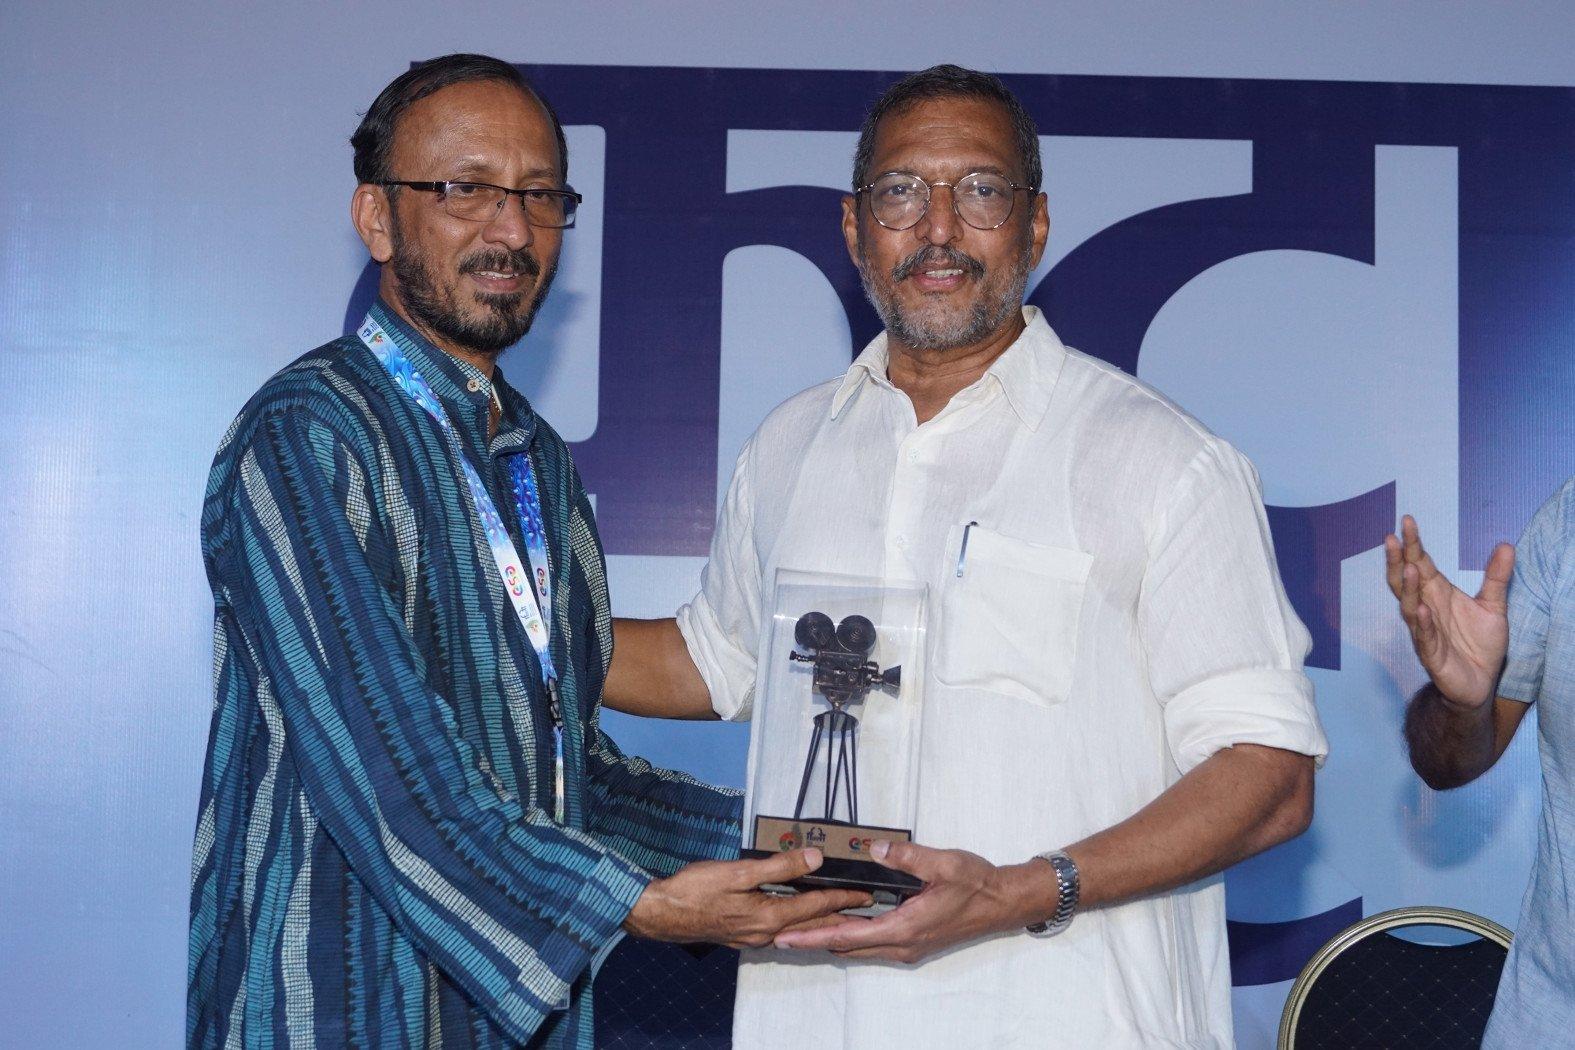 IFFI में पहुंचे नाना पाटेकर और मनोज जोशी, 'बायोस्कोप विलेज' से हुए प्रभावित!